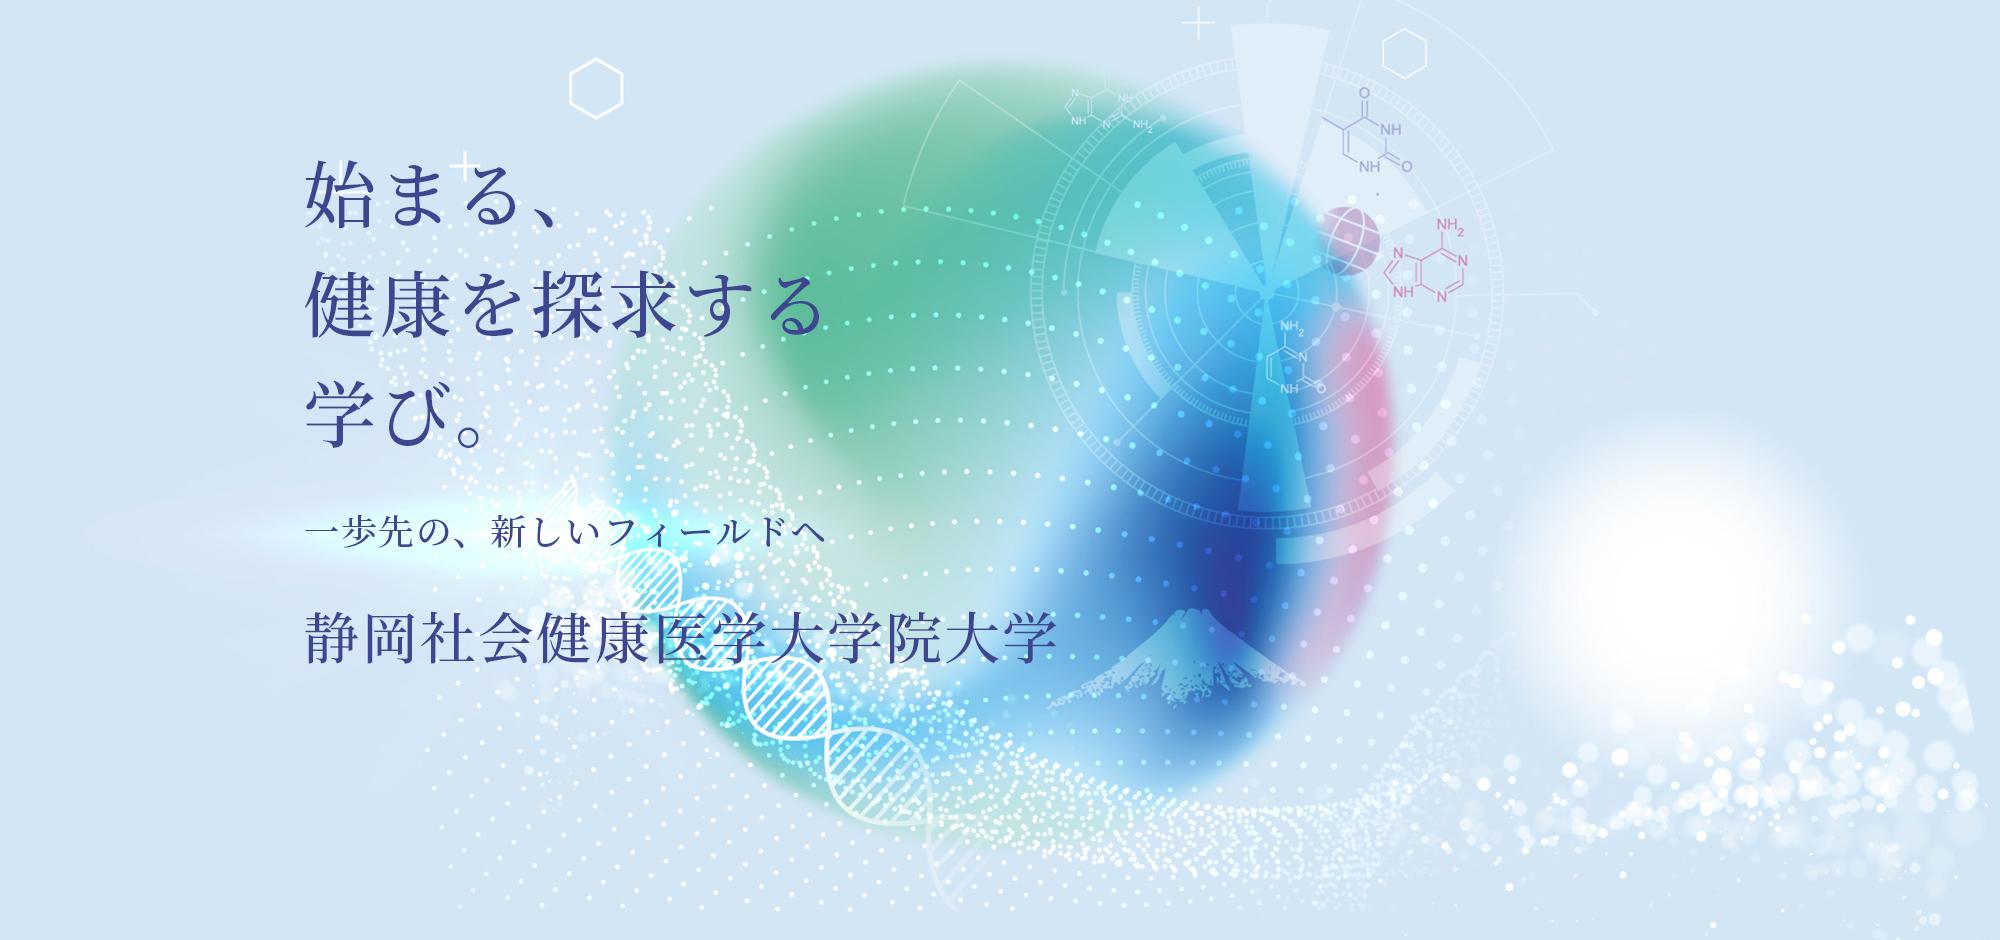 始まる、健康を探求する学び。一歩先の、新しいフィールドへ。静岡社会健康医学大学院大学